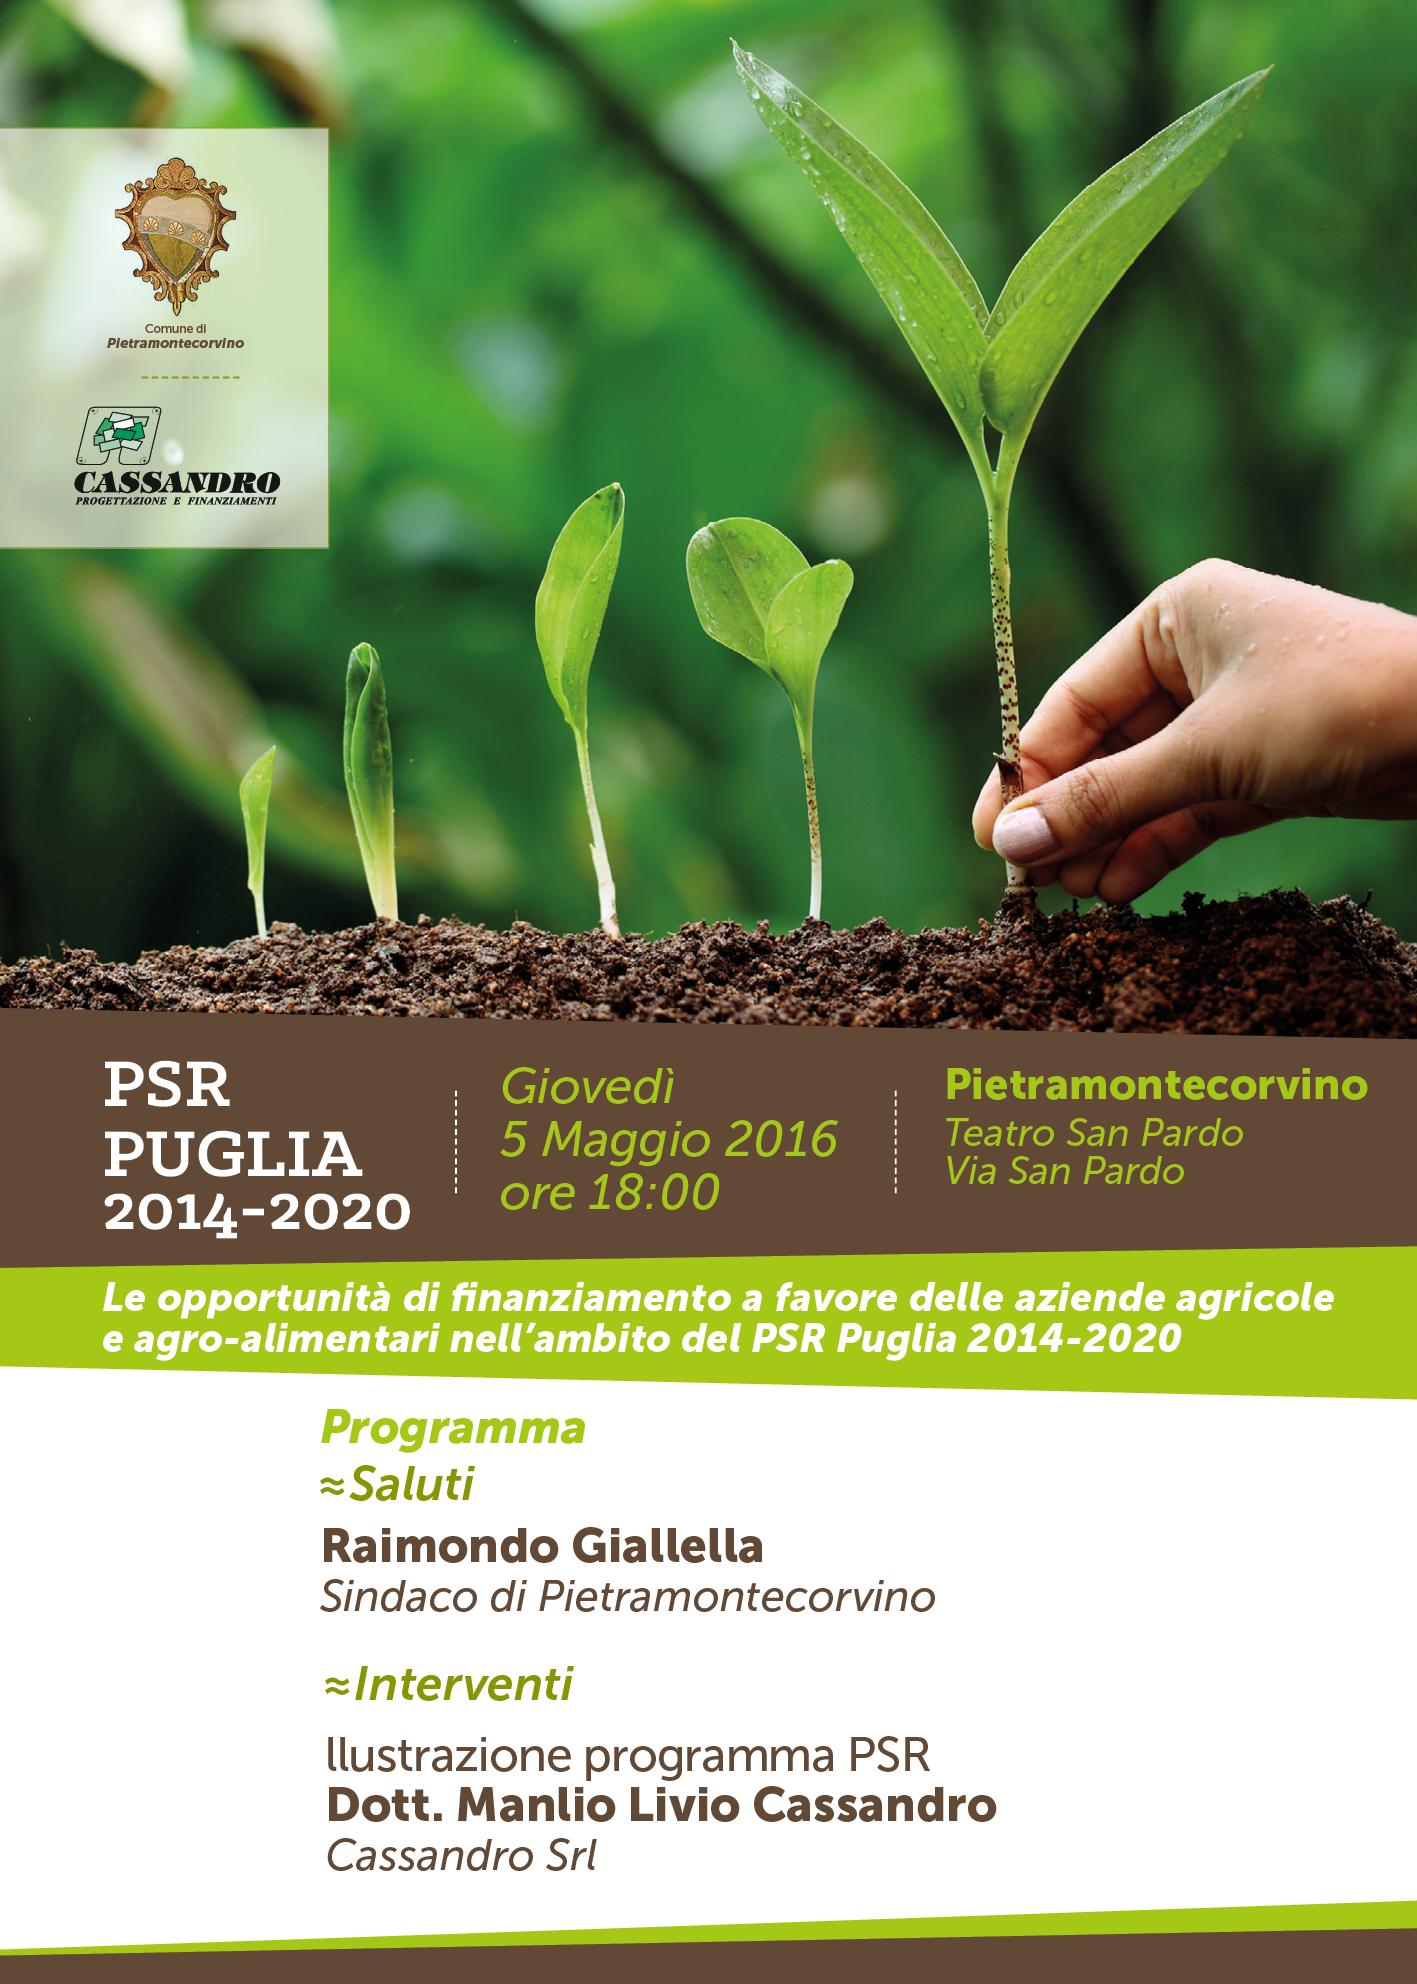 """PSR Puglia 2014-2020: """"Le opportunità di finanziamento a favore delle aziende agricole e agro-alimentari"""" – 5 Maggio"""